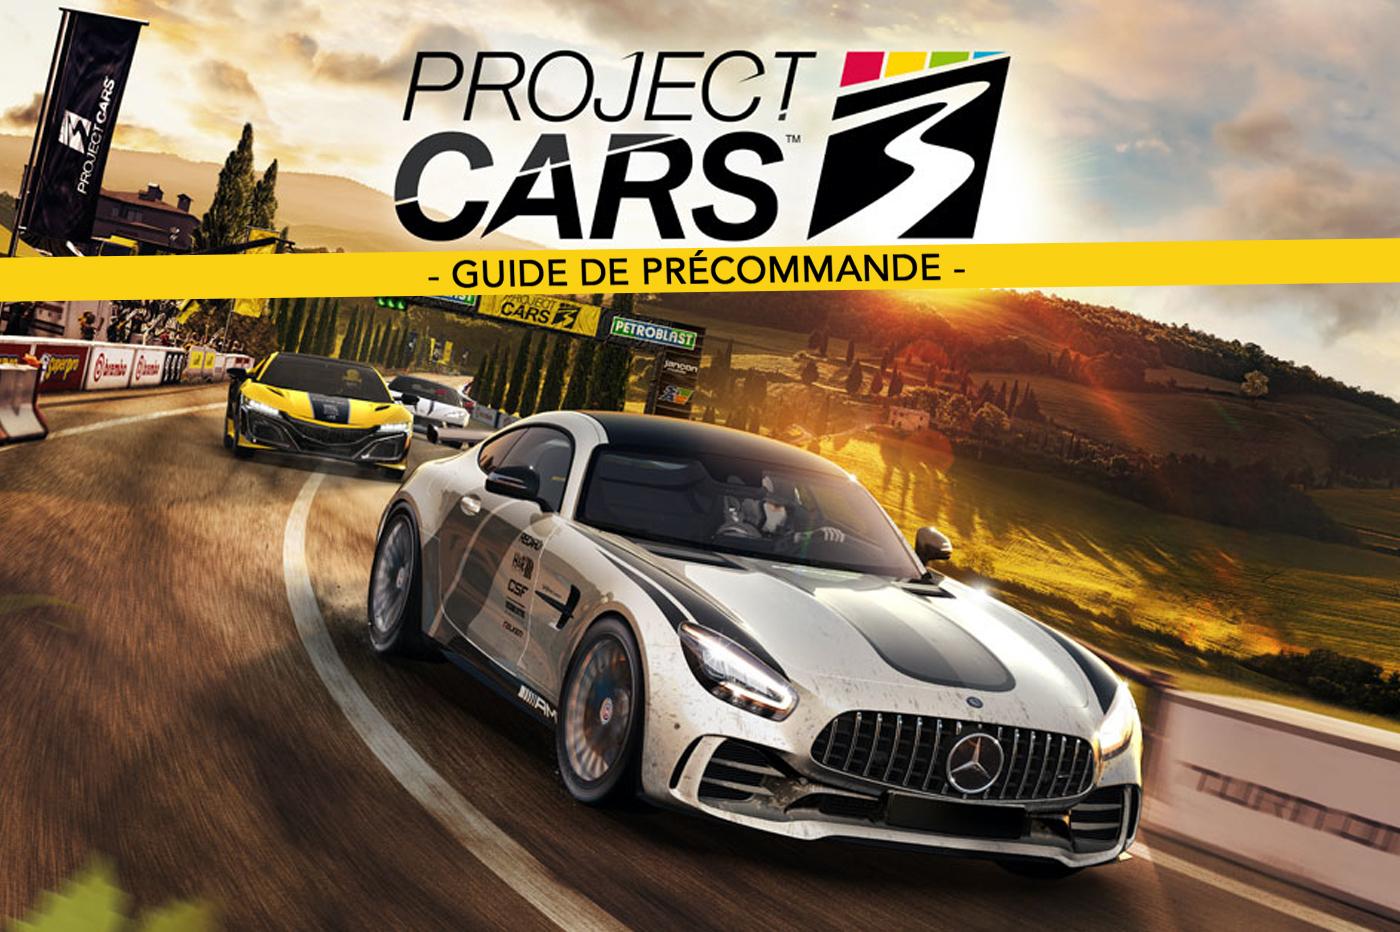 Project Cars 3 Guide de Précommande